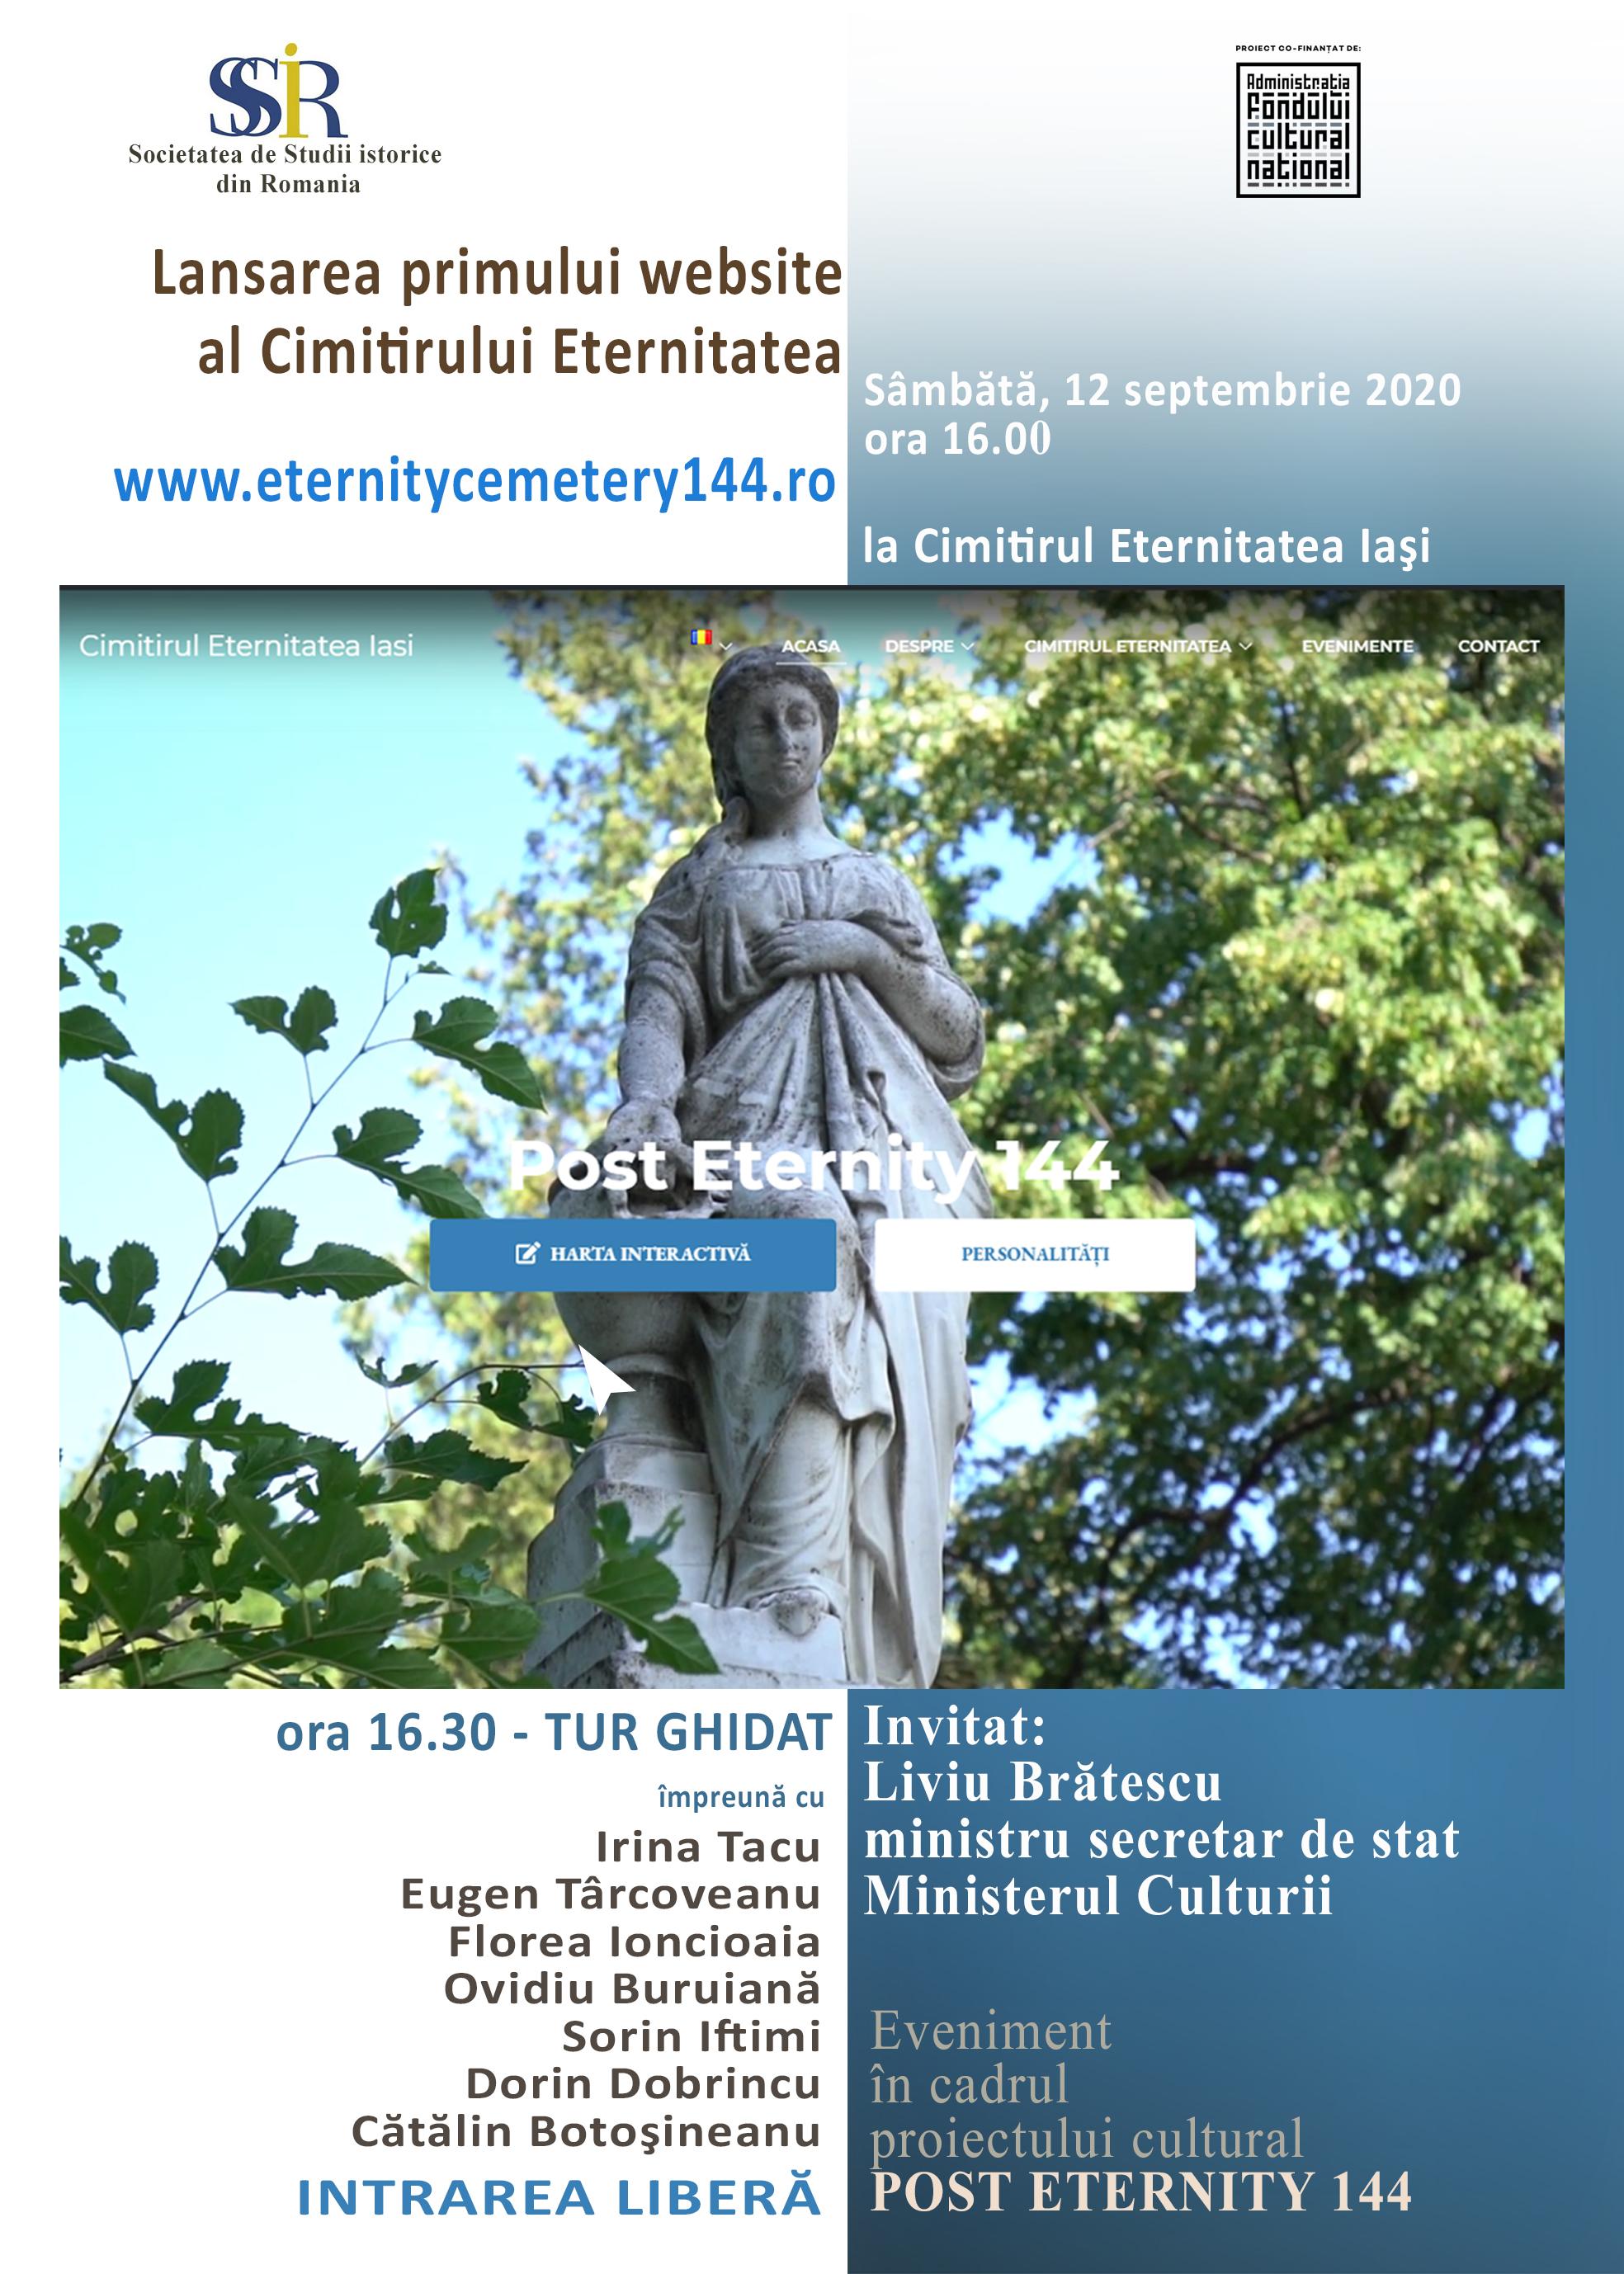 www.eternitycemetery144.ro - primul website al Cimitirului Eternitatea